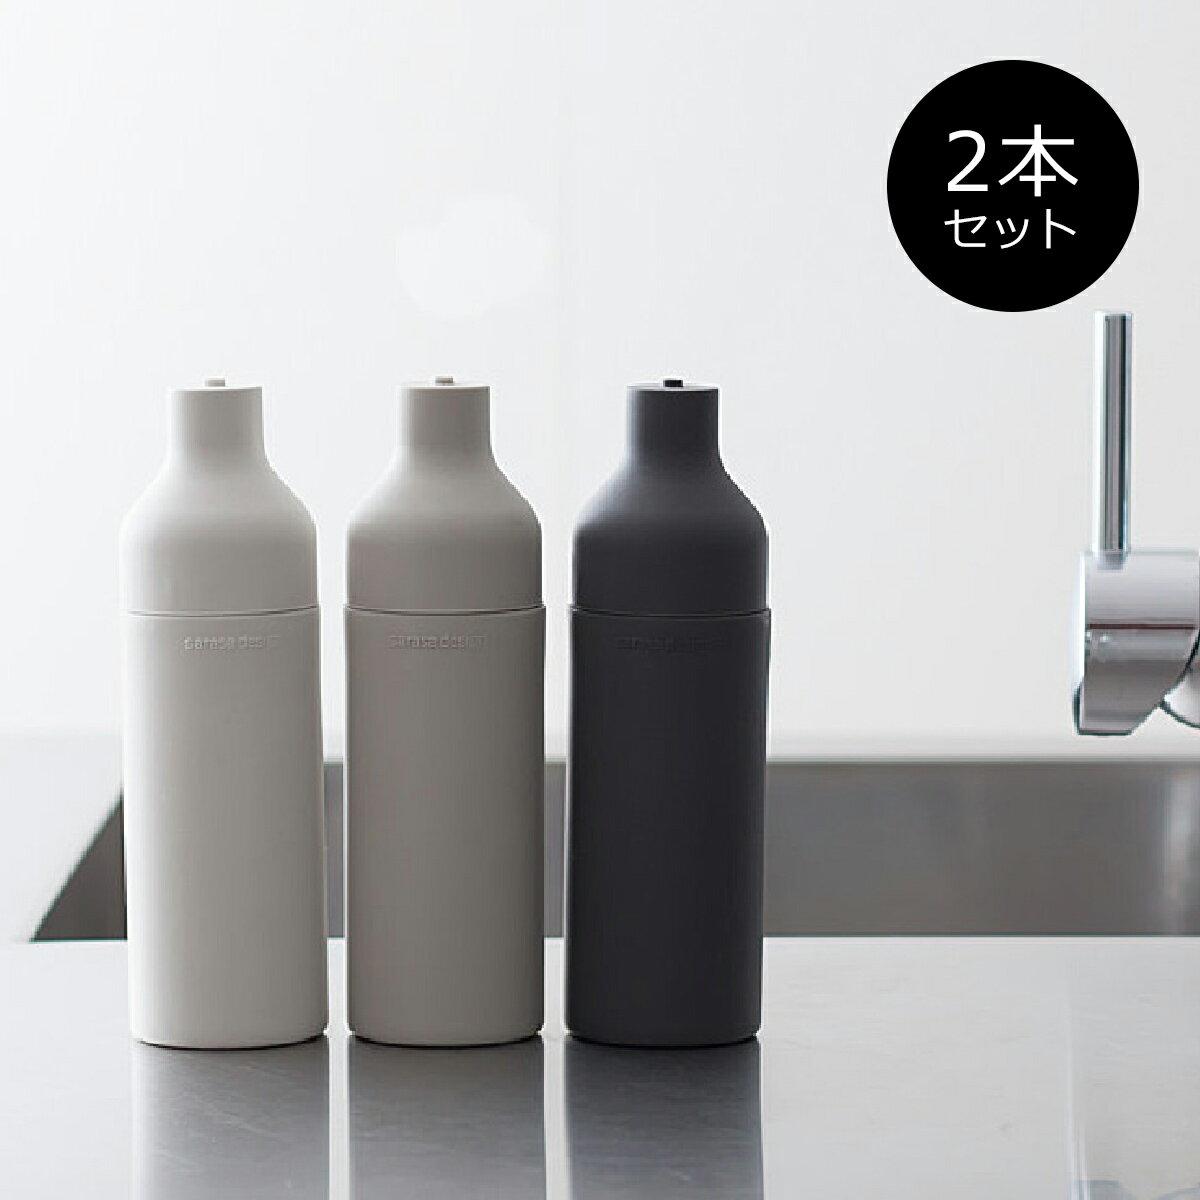 キッチン 洗剤 詰め替えボトル ディスペンサー [セット販売●b2c スクィーズボトル 【2本入り】] 食器用洗剤 ソープディスペンサー#SL_BO